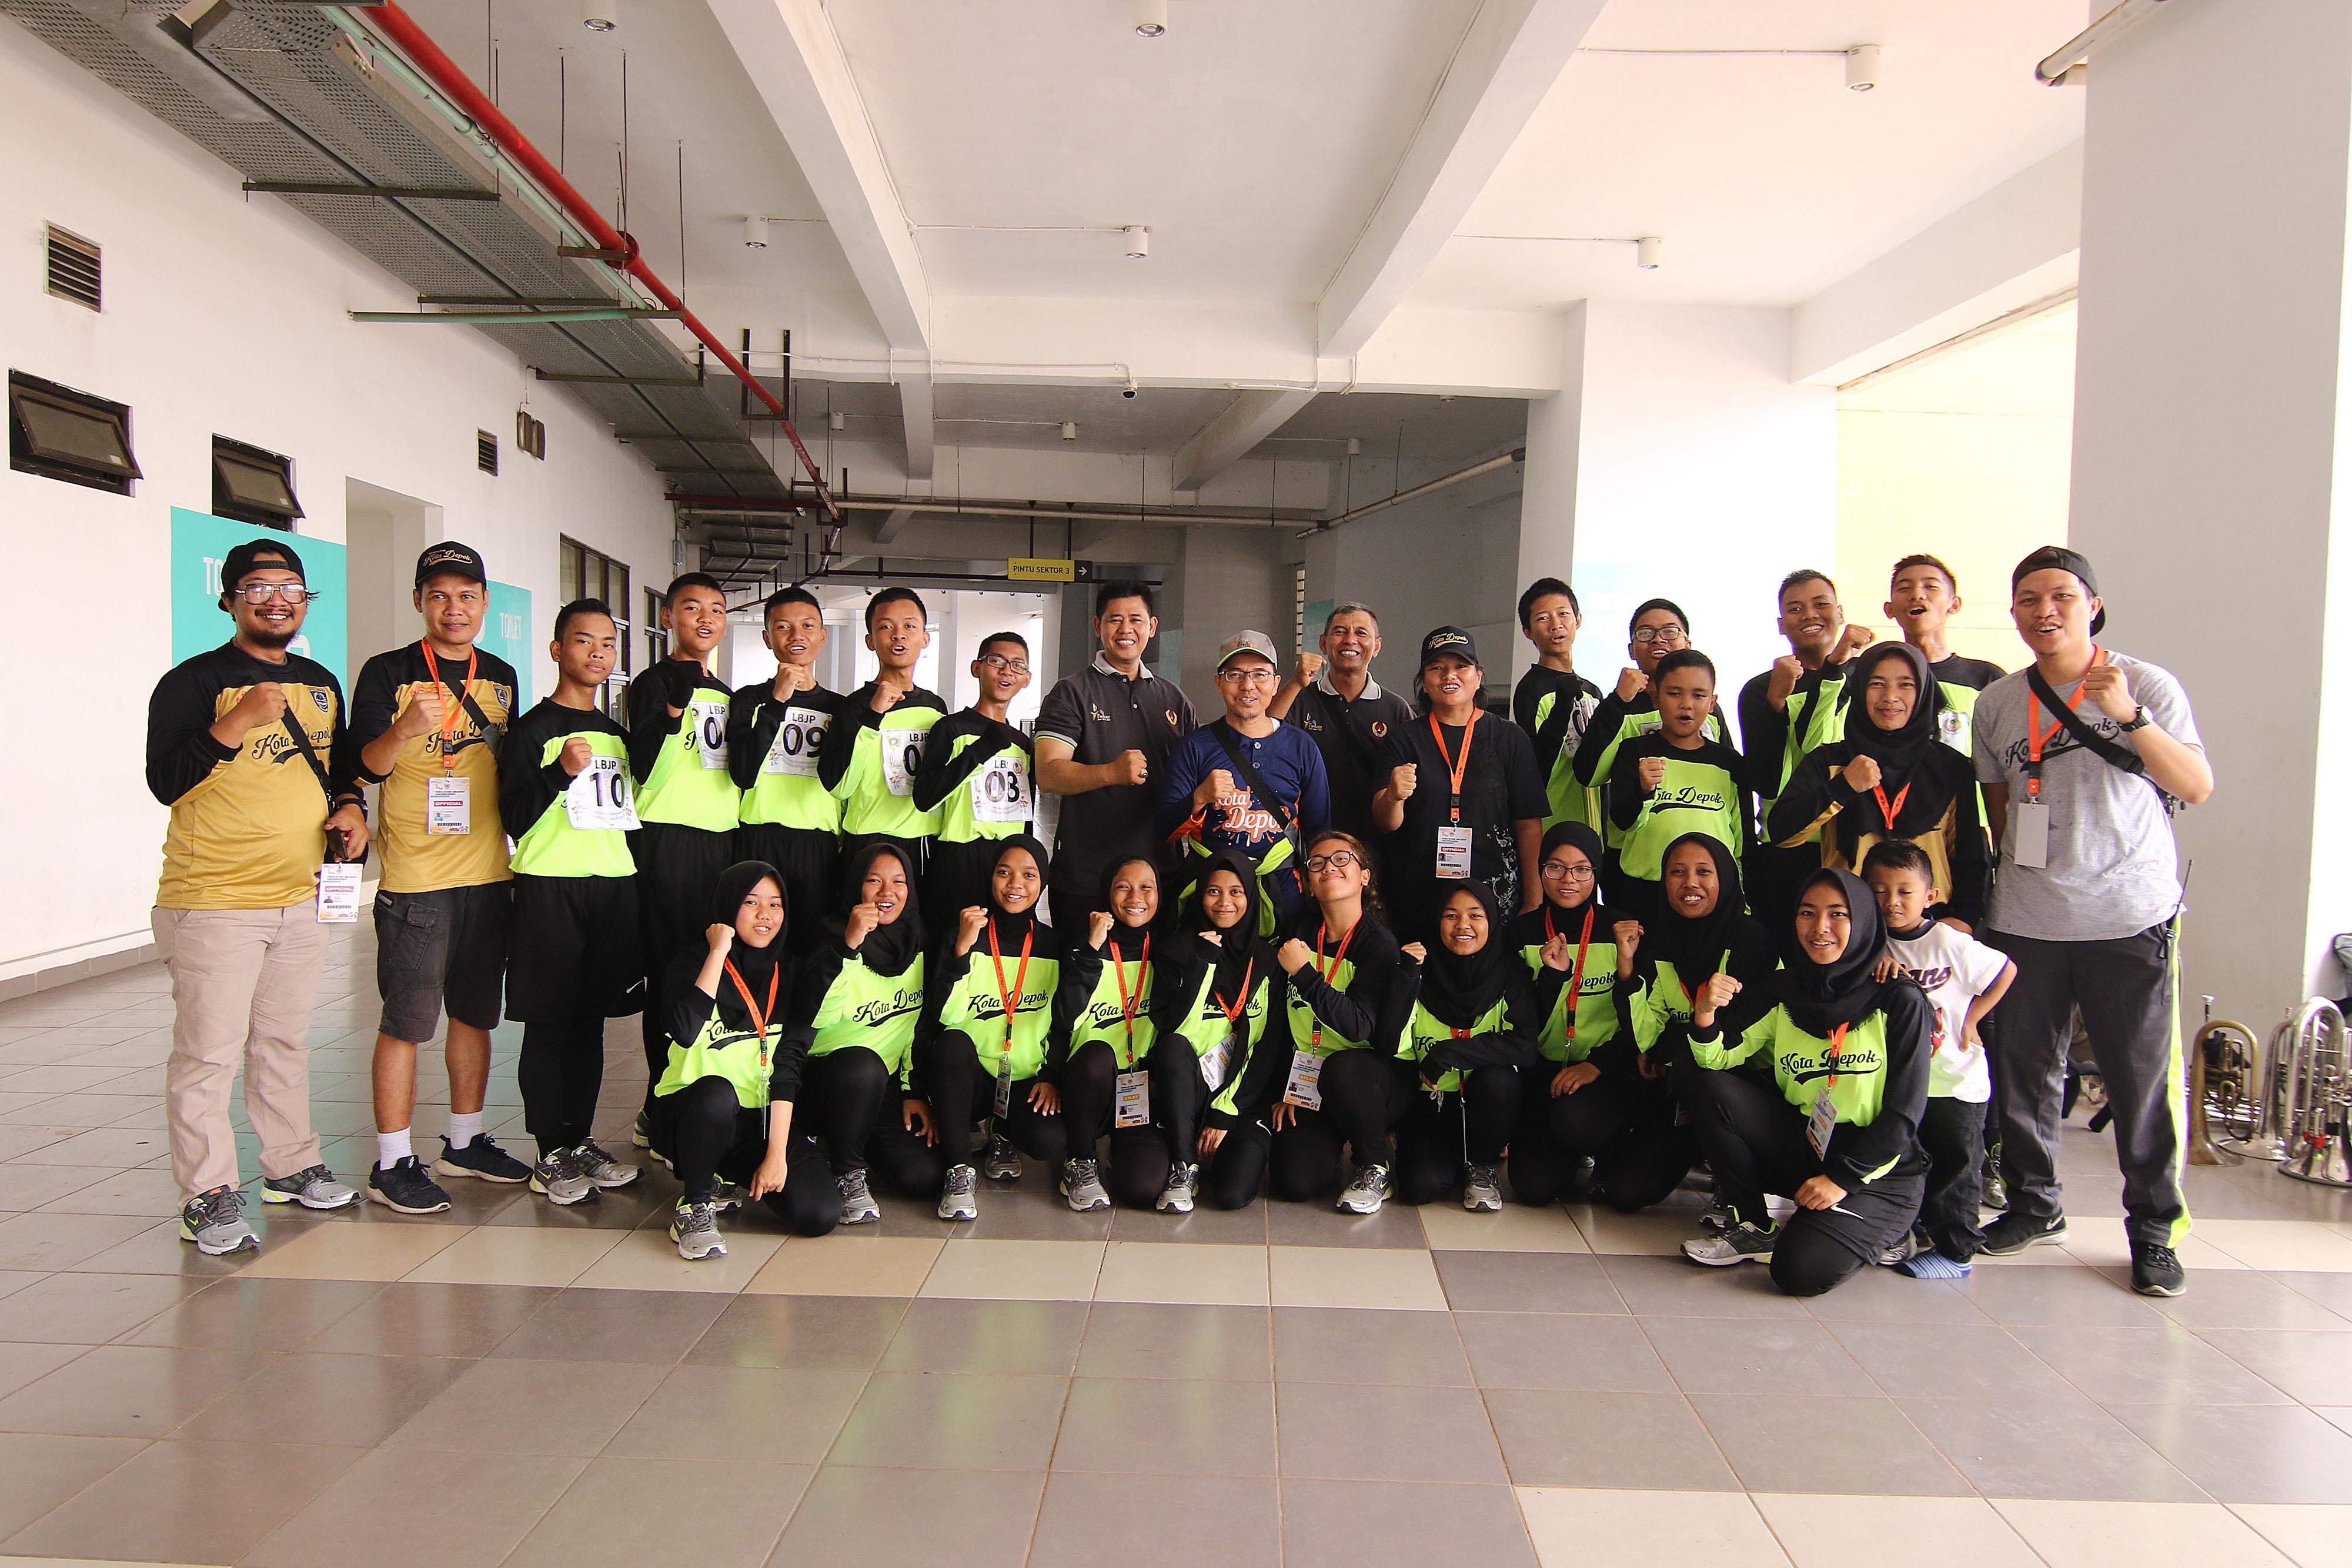 Amri Yusra (tengah-bertopi), Ketua Umum KONI Kota Depok berfoto bersama dengan atlet dan official Drum Band Kontingen Kota Depok di Stadion Pakansari, Bogor, Rabu (3/10) pagi. KONI KOTA DEPOK/Faruqi/2018